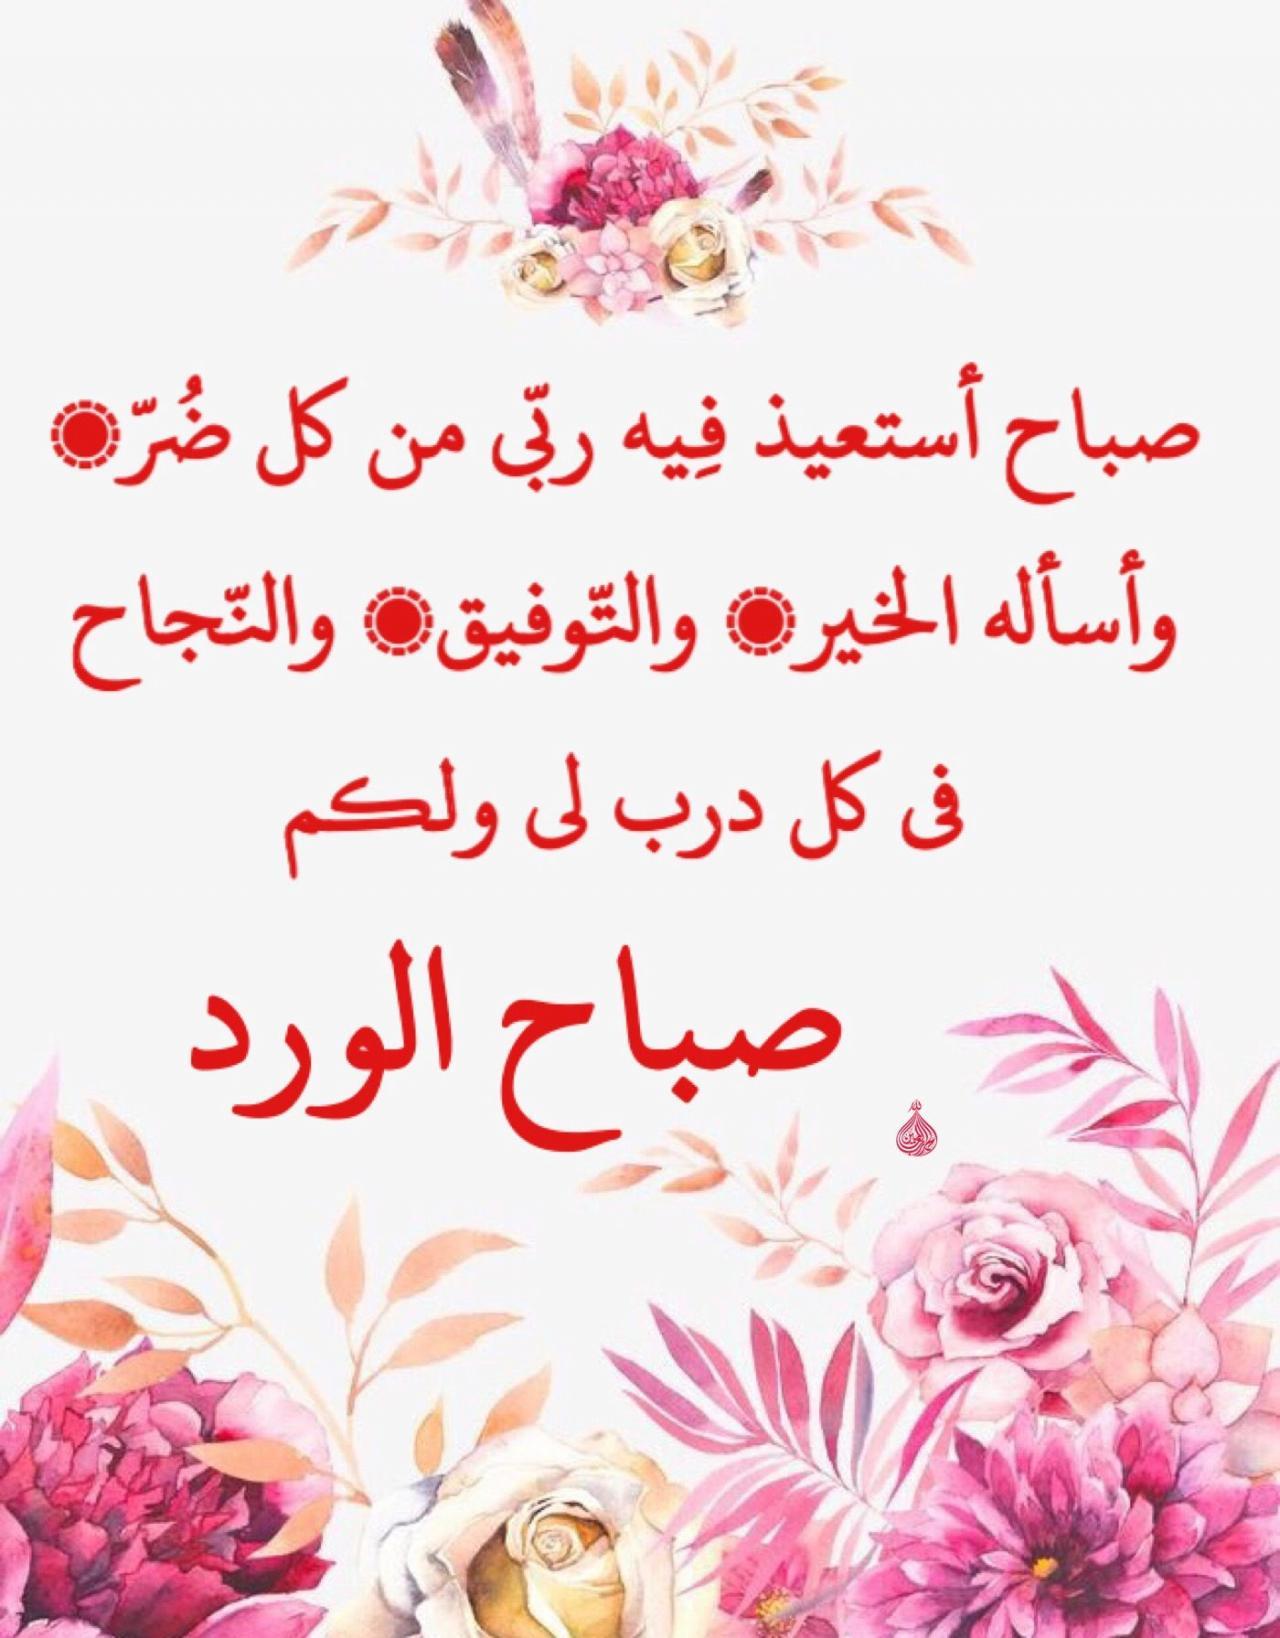 ادعية الصباح بالصور اجمل ما قال في حب الله احلا كلام